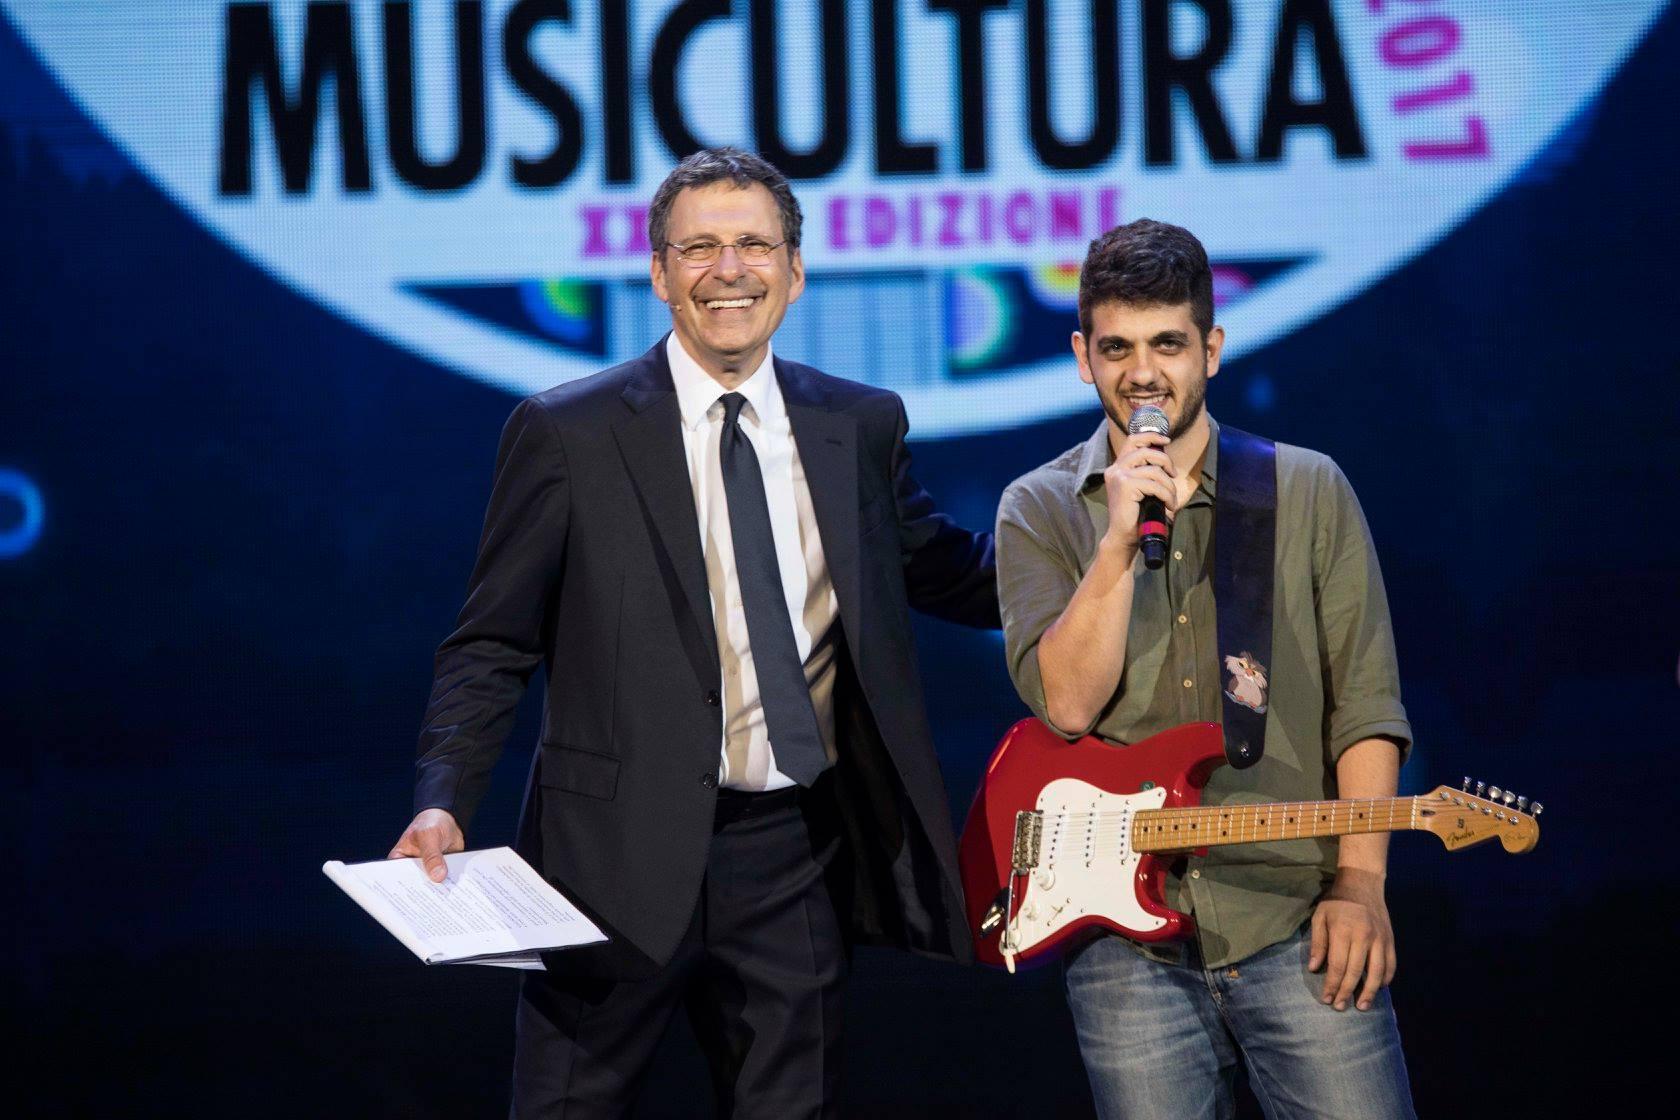 Fabrizio Frizzi e Macerata, le parole del sindaco e di Musicultura